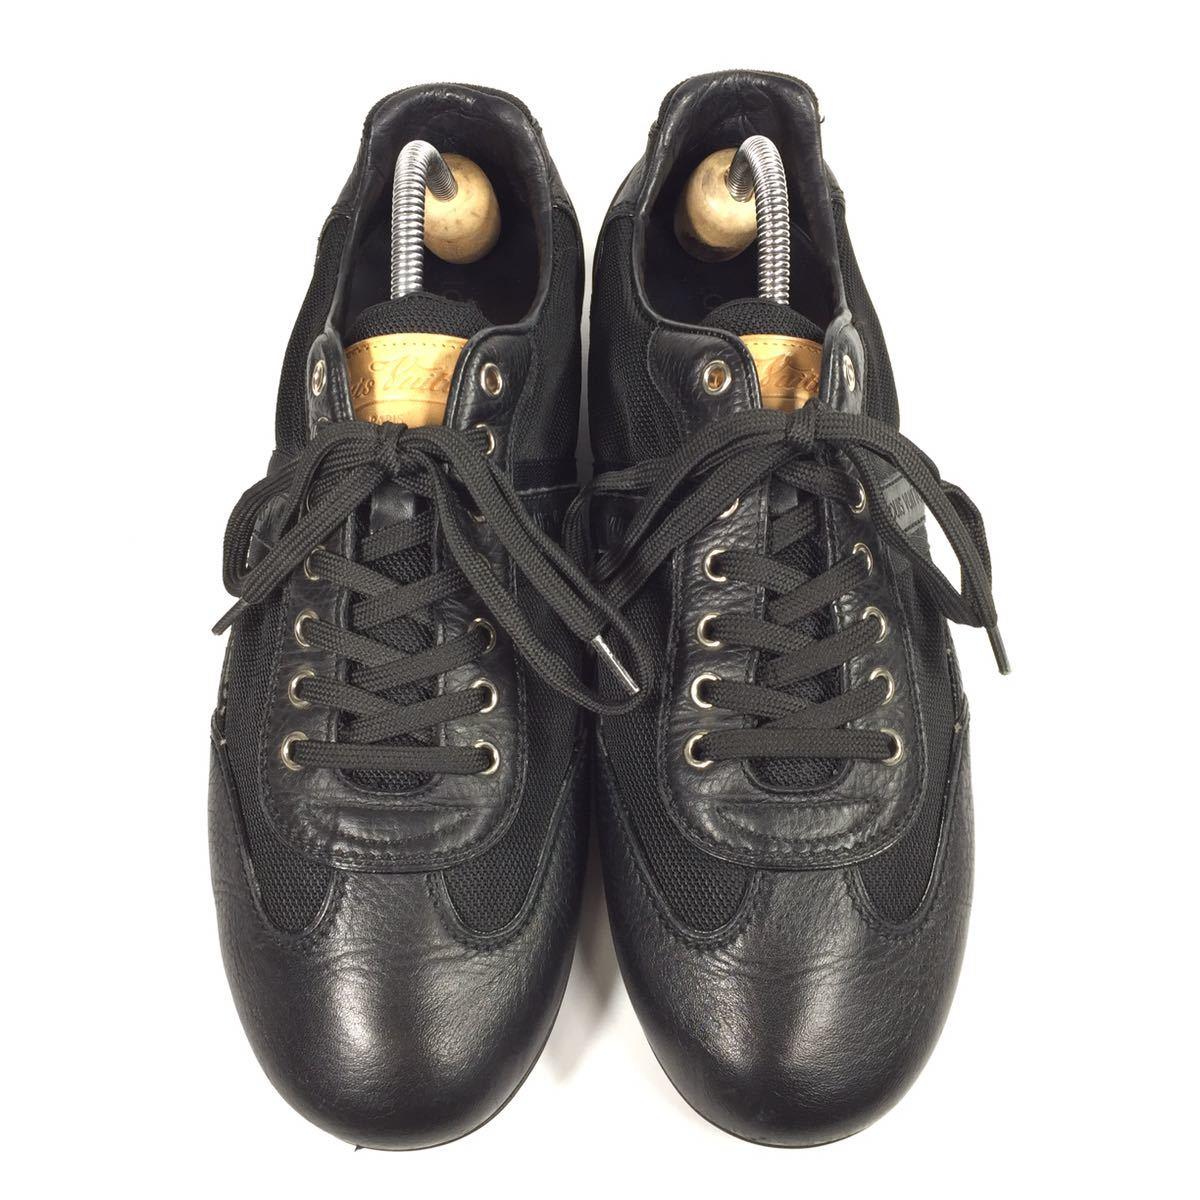 【ルイヴィトン】本物 LOUIS VUITTON 靴 26cm 黒 モノグラム スニーカー カジュアルシューズ 本革×化学繊維 レザー メンズ イタリア製 7_画像2